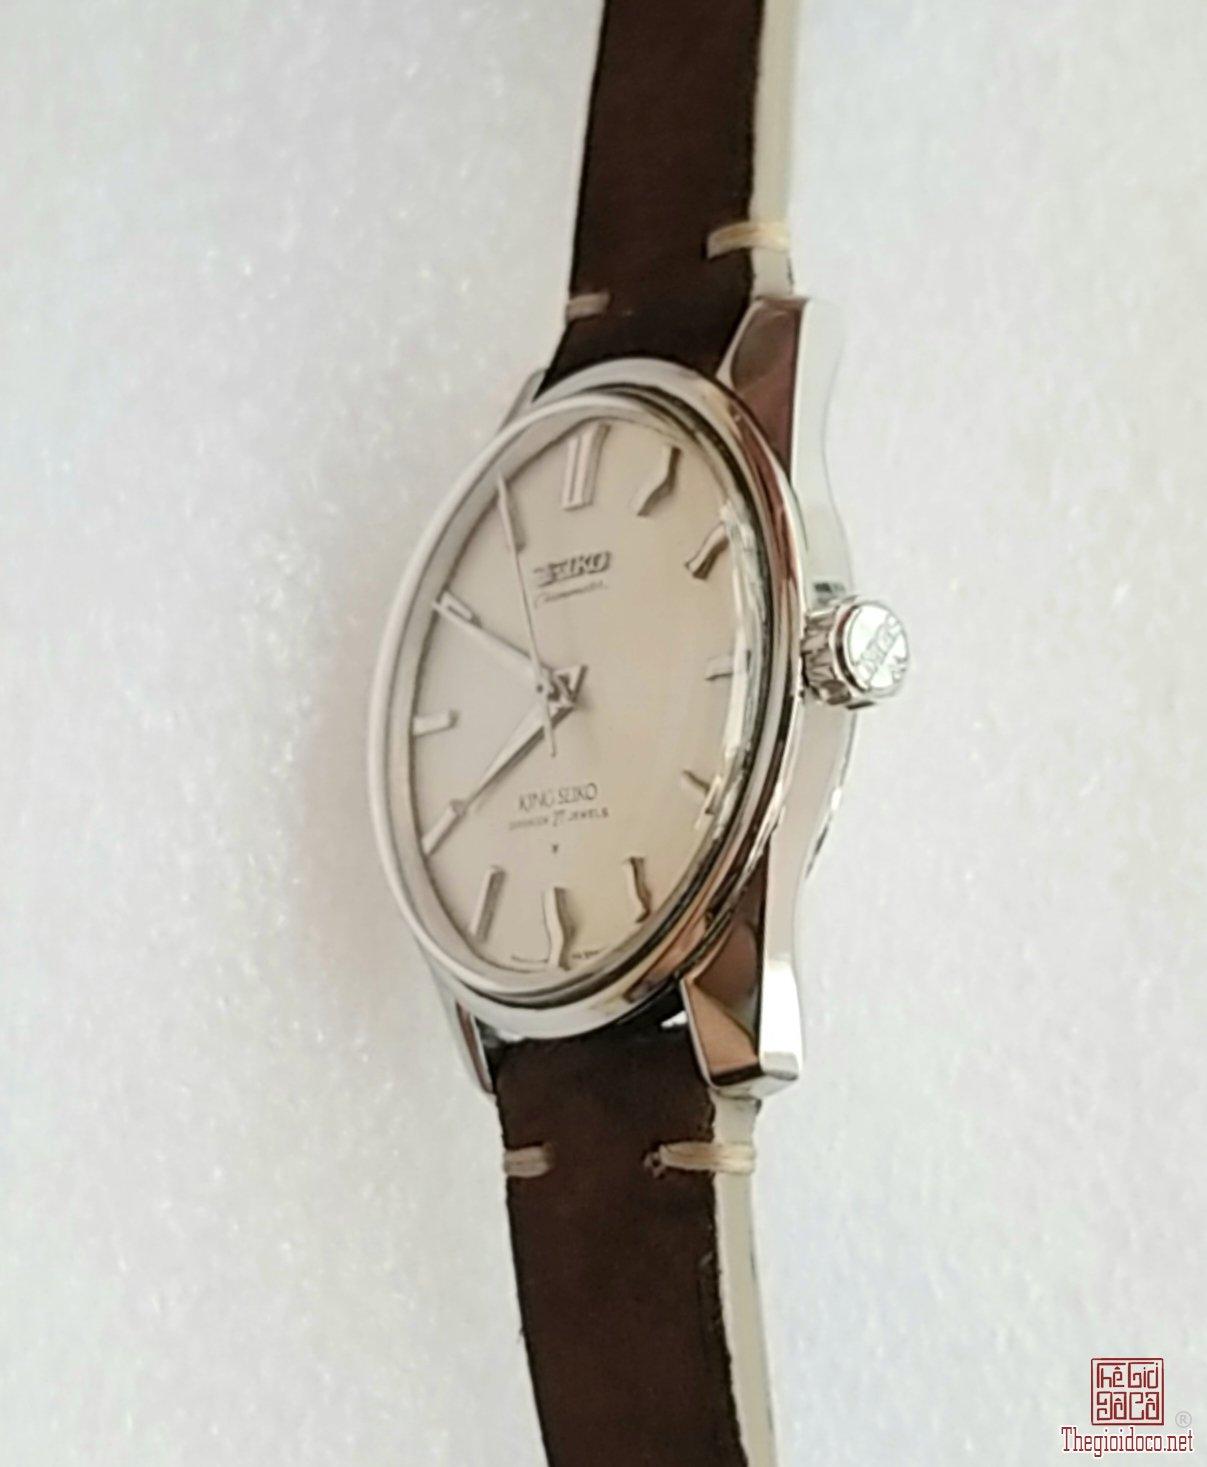 Đồng hồ xưa lên dây KING SEIKO CHRONOMETER